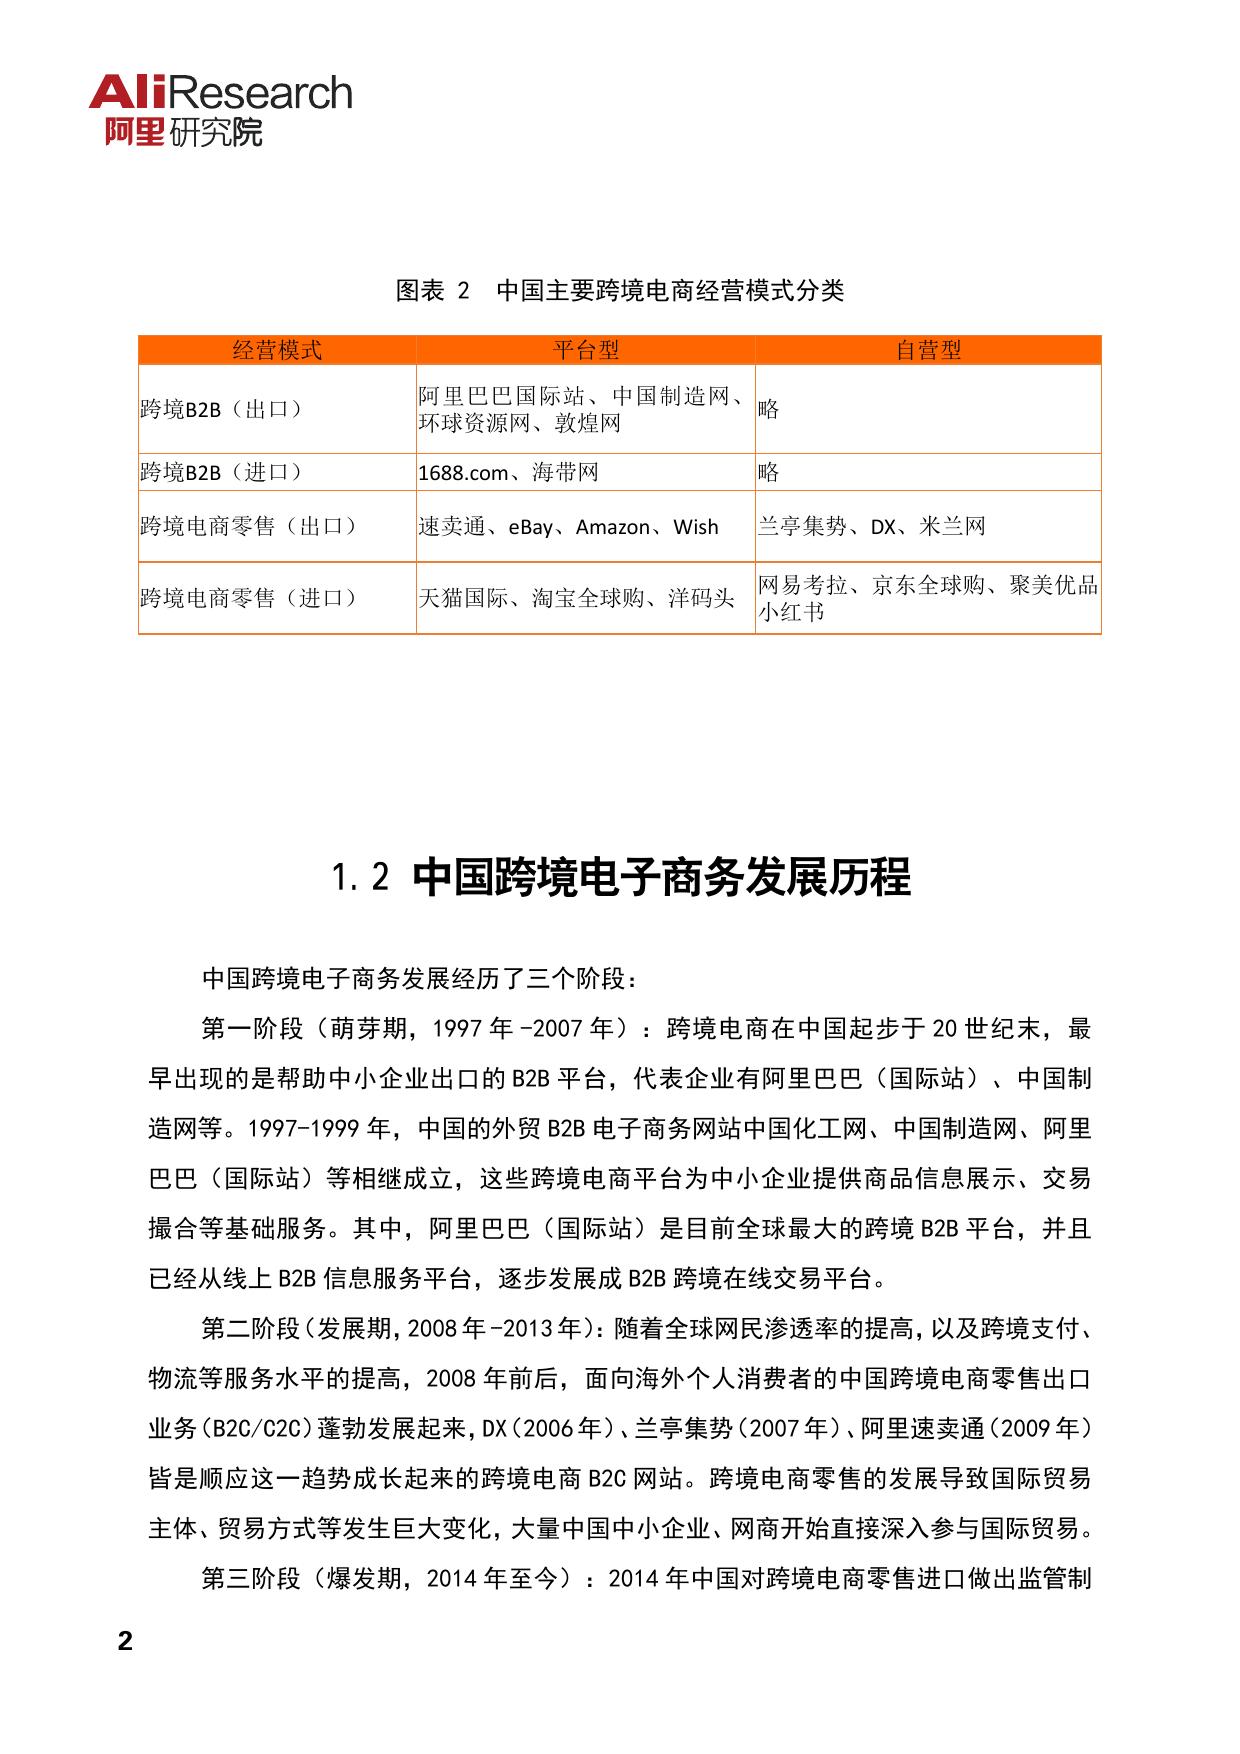 2016中国跨境电商发展报告_000006